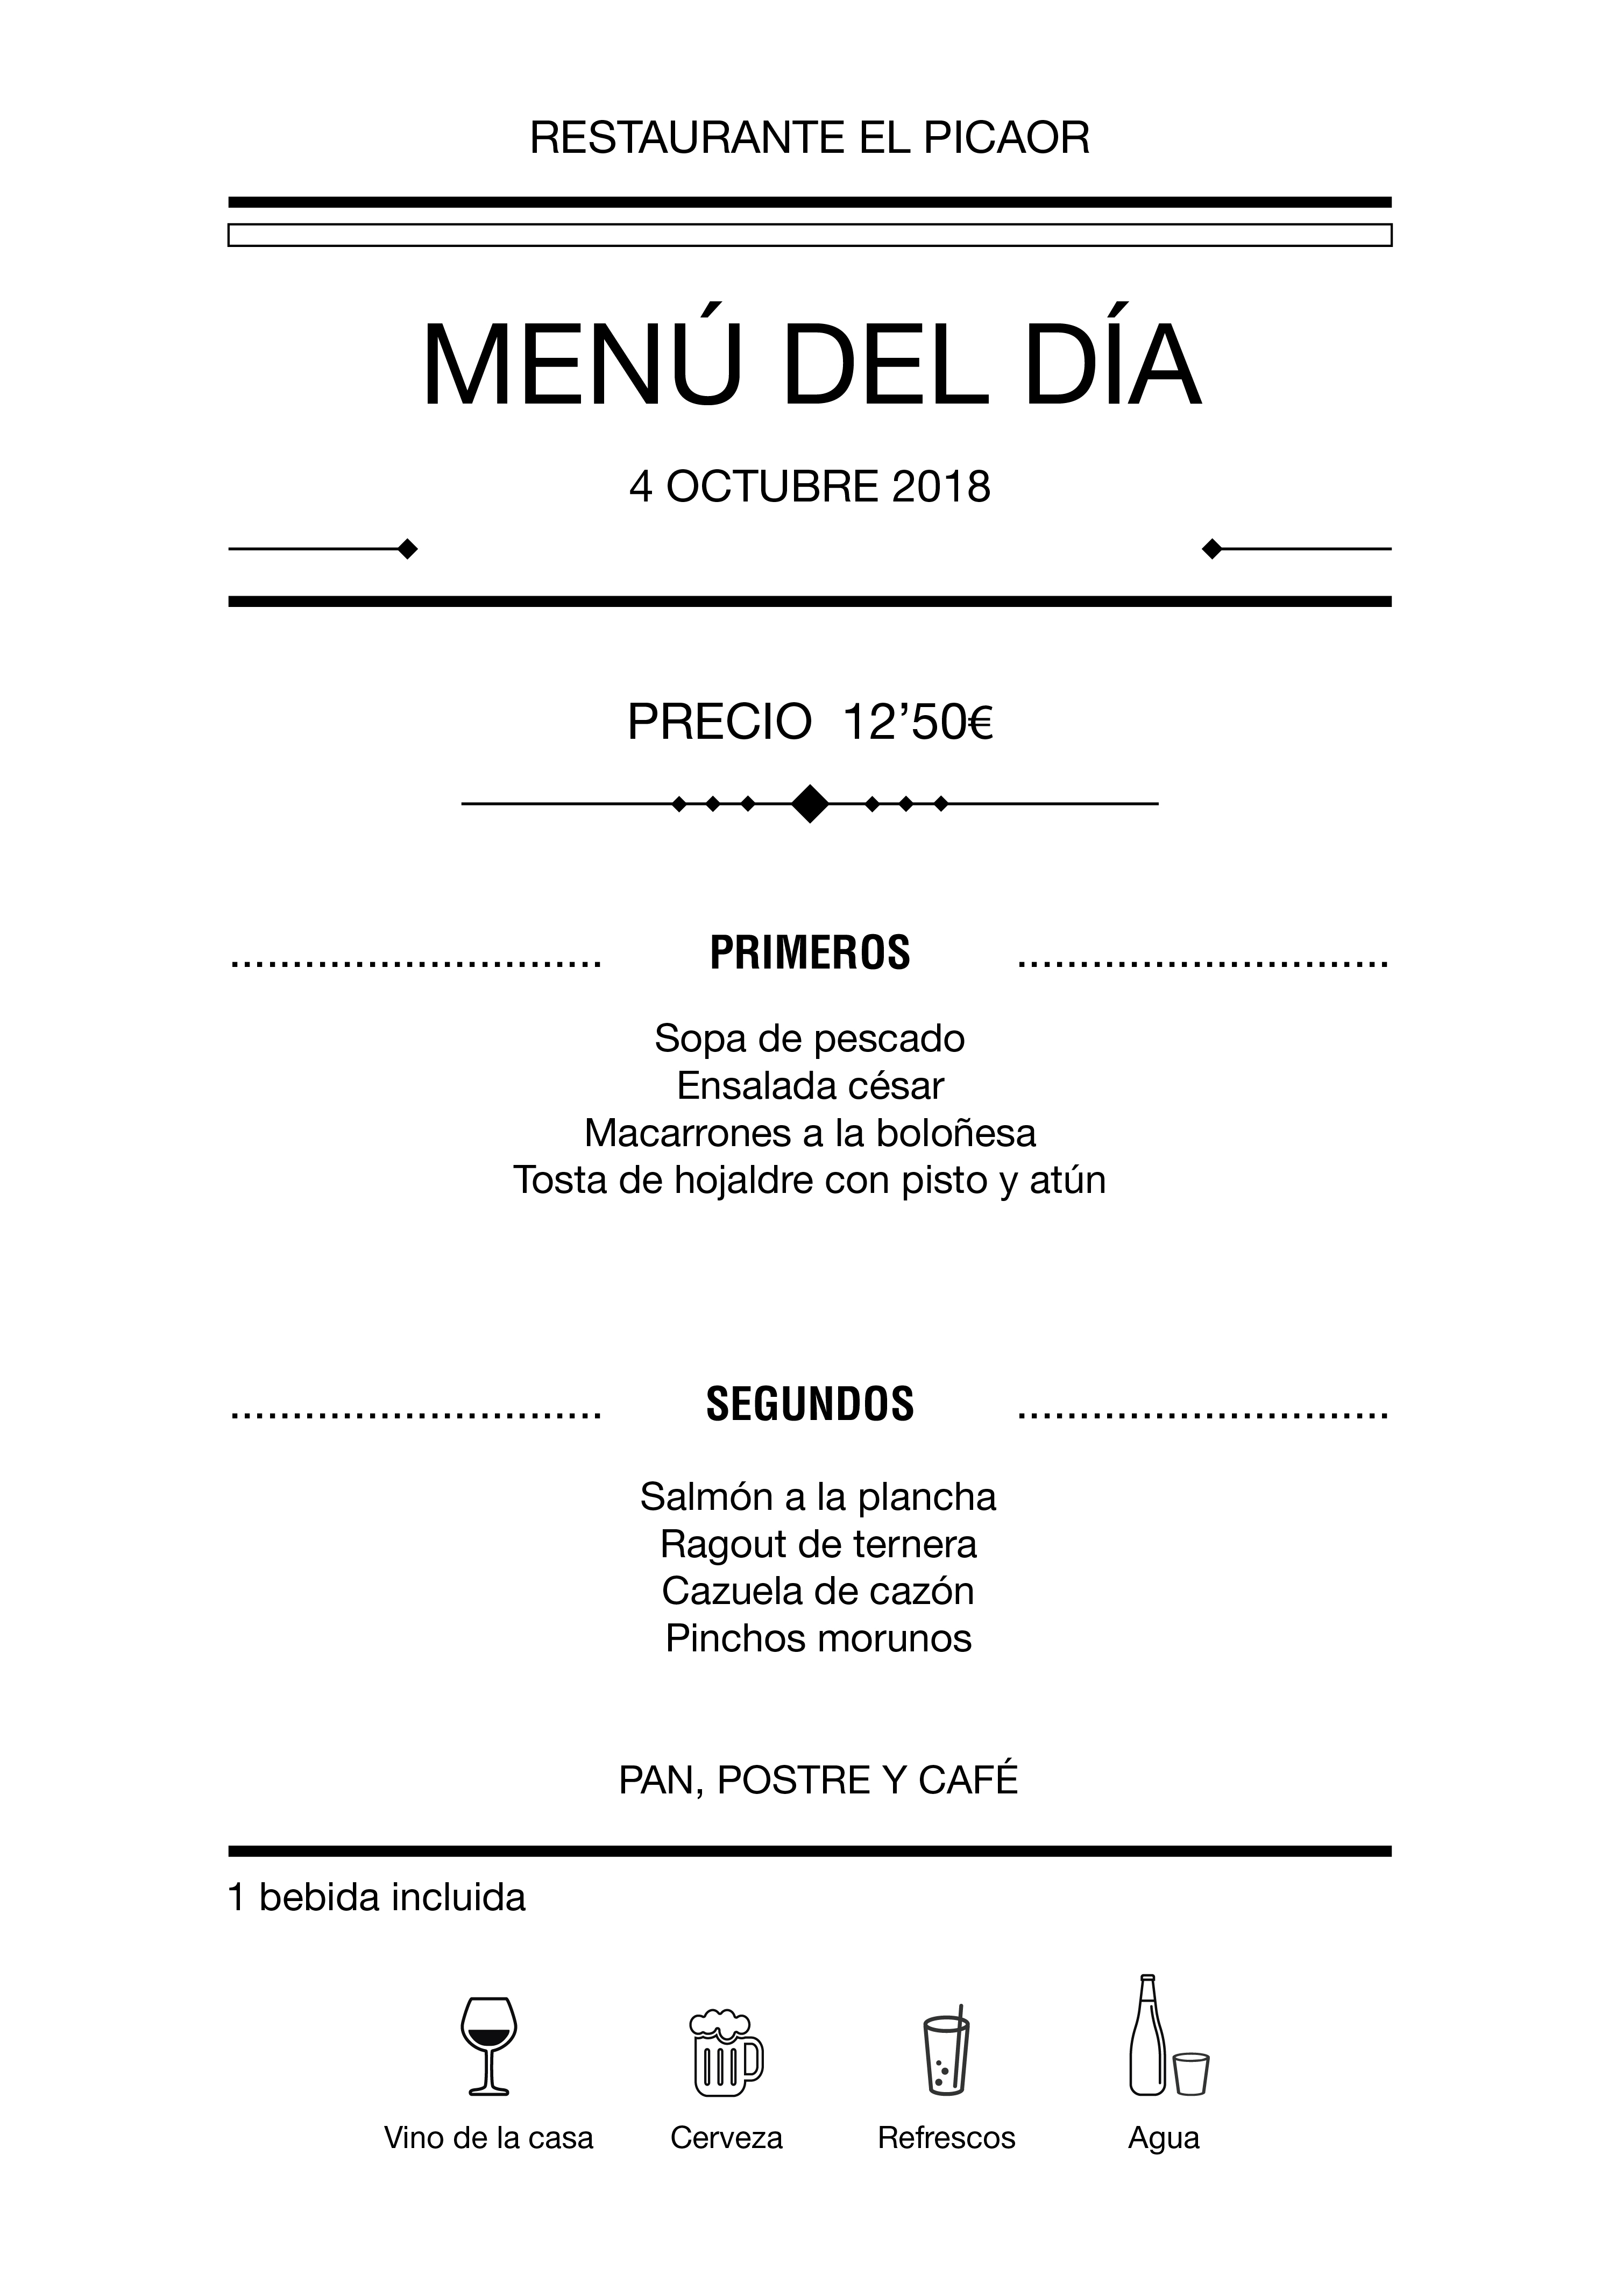 Menú diario El Picaor 04/10/18